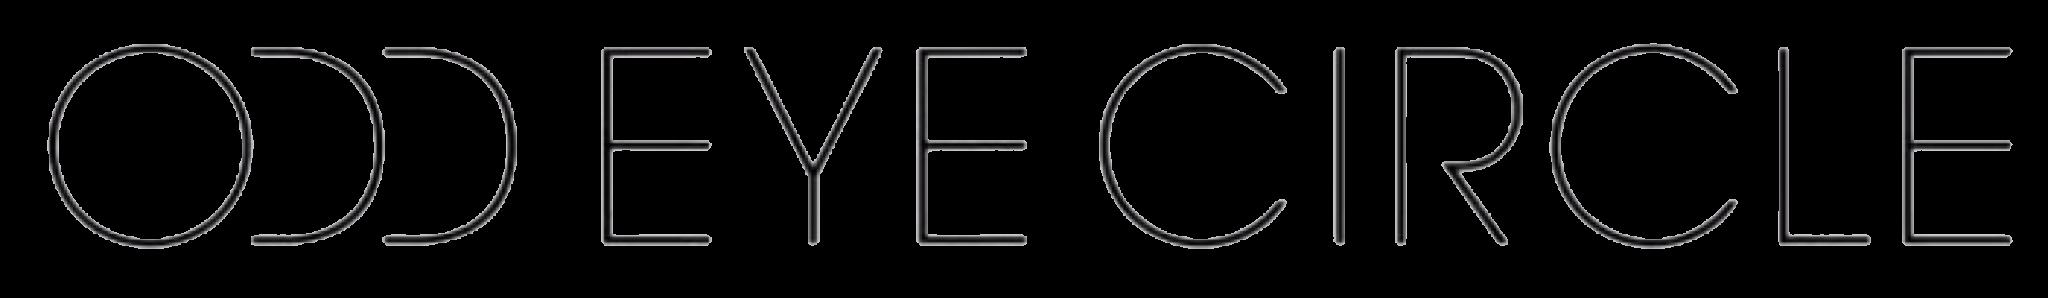 ODD EYE CIRCLE Logo.png